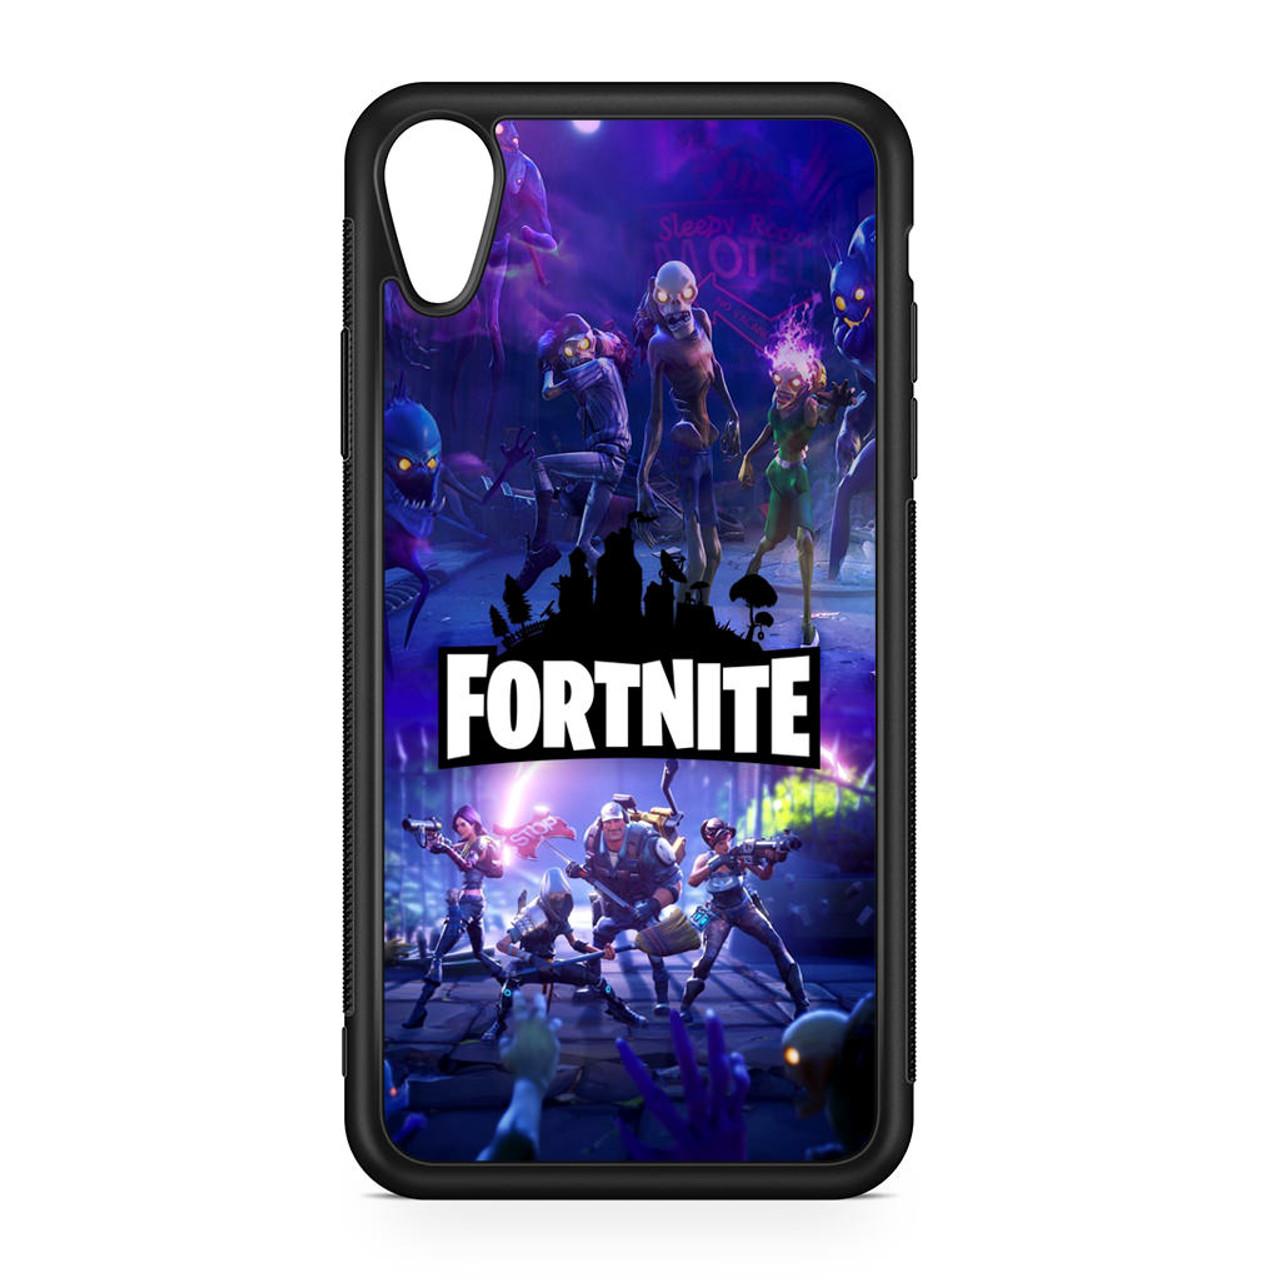 reputable site 3e0f4 77ce3 Fortnite iPhone XR Case